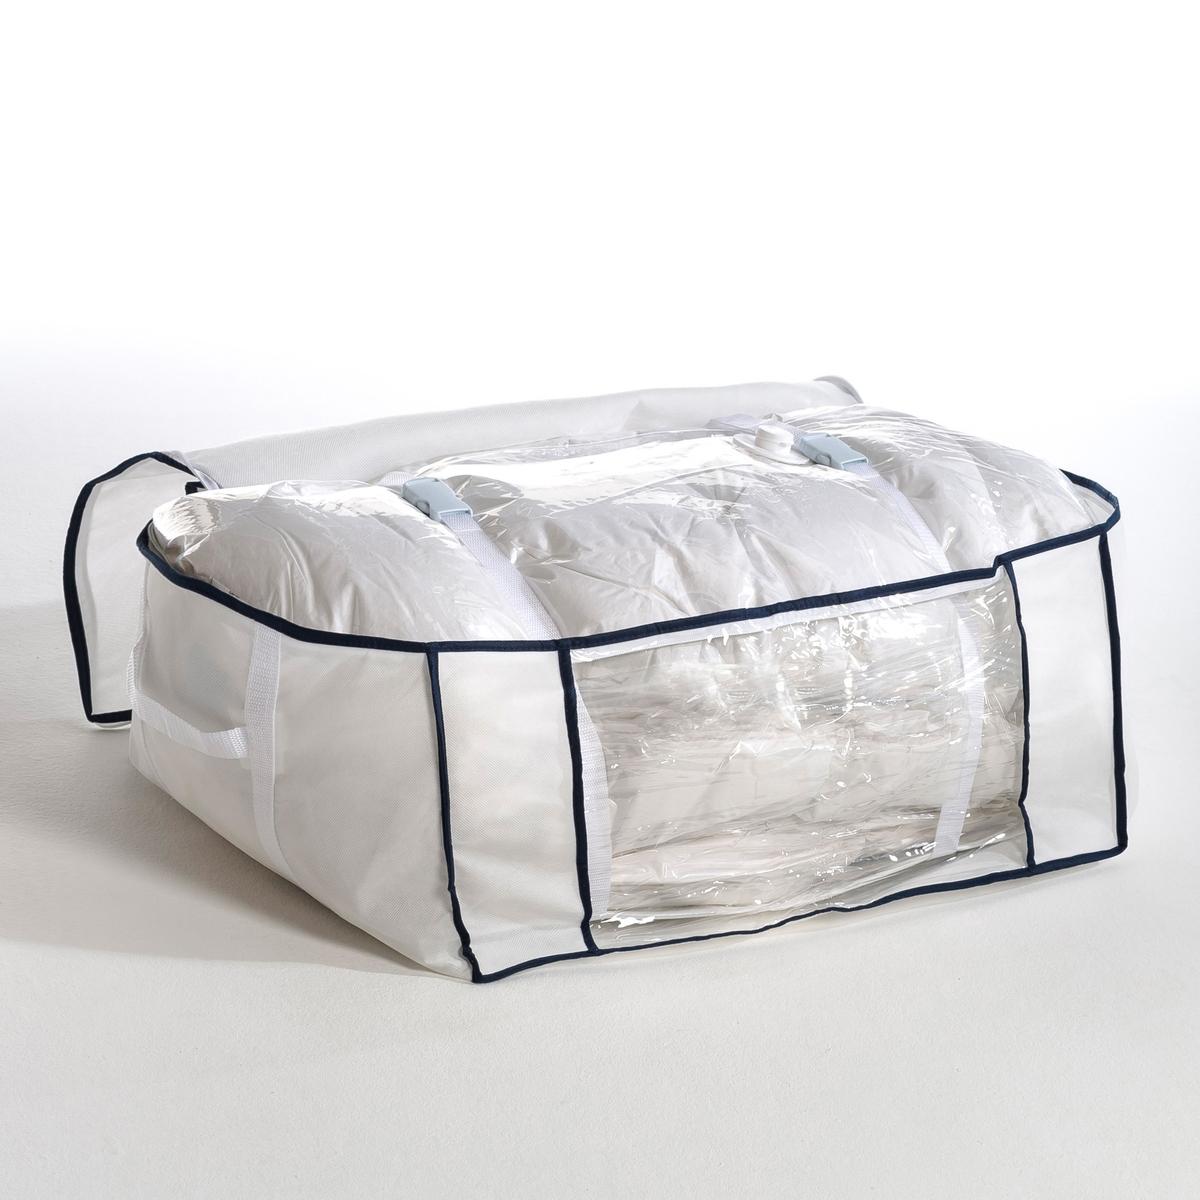 Чехол вакуумный, Ш.62 x В.27 x Г.49,5 смЭкономия места до 75%! Идеально подходит для поездок, так как позволяет значительно экономить место в багаже.Описание вакуумного чехла :Пакет с защитным чехлом внутри просто необходим для организации хранения Ваших вещей, одеял, покрывал и подушек.Всасывание воздуха пылесосом.2 стягивающих ремня для удержания вещей в сжатом состоянии.Характеристики вакуумного чехла :Нетканый материалВнутренний пакет из прозрачного пластикаЗастежка на молнию.Размеры вакуумного чехла :Ш.62 x В.27 x Г.49,5 см, размеры внутреннего пакета : Ш.109 x В.97 x Г.48 см.<br><br>Цвет: белый